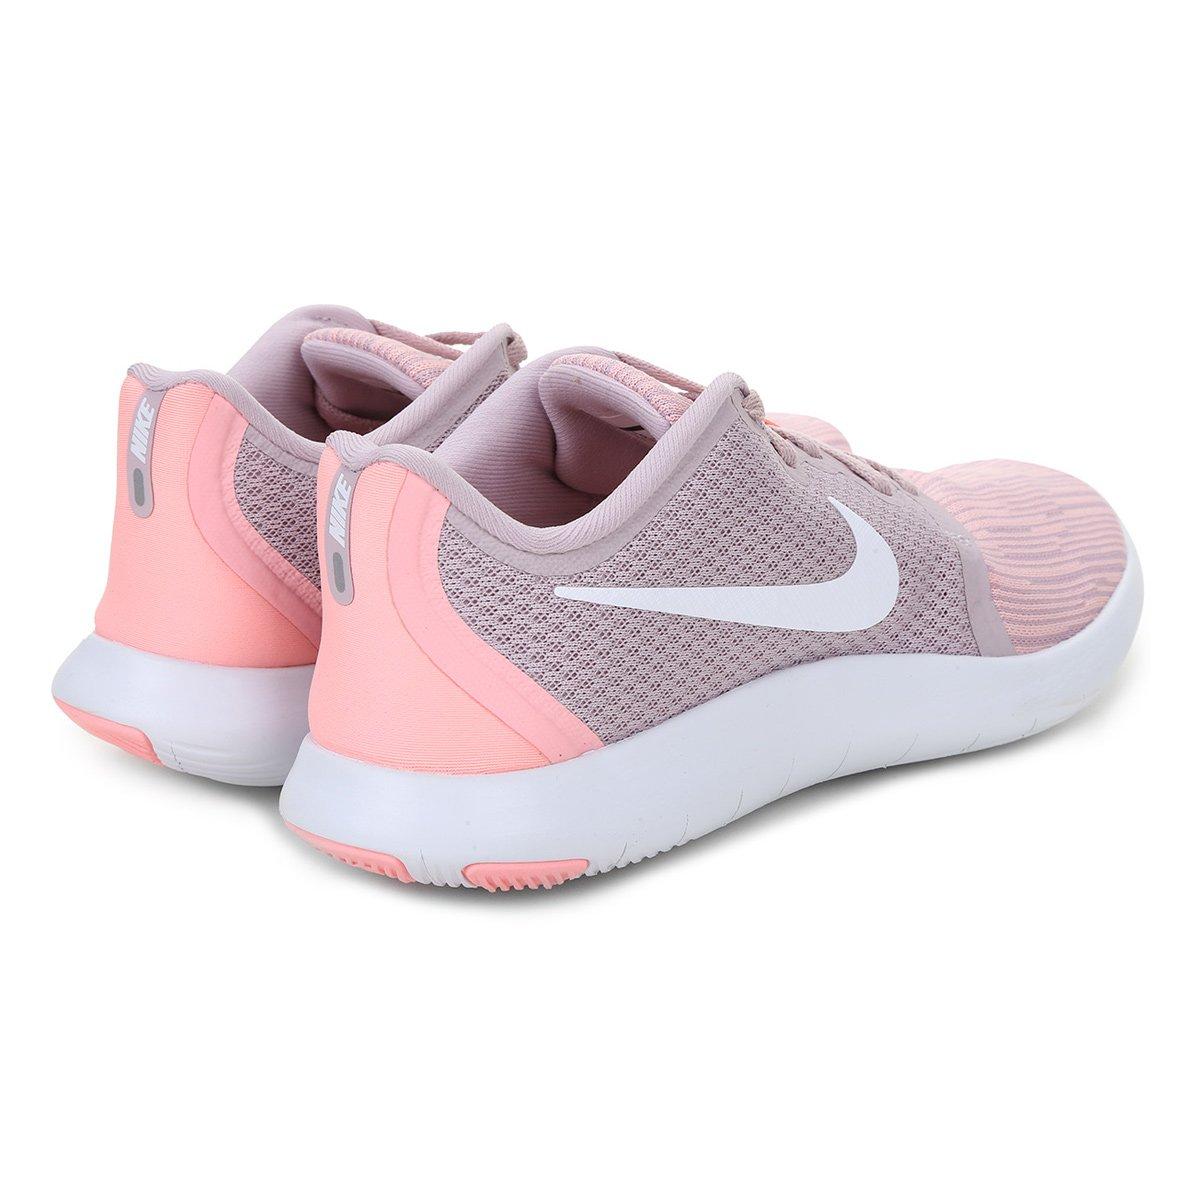 e8f57d22a4 Tênis Nike Flex Contact 2 Feminino - Rosa - Compre Agora